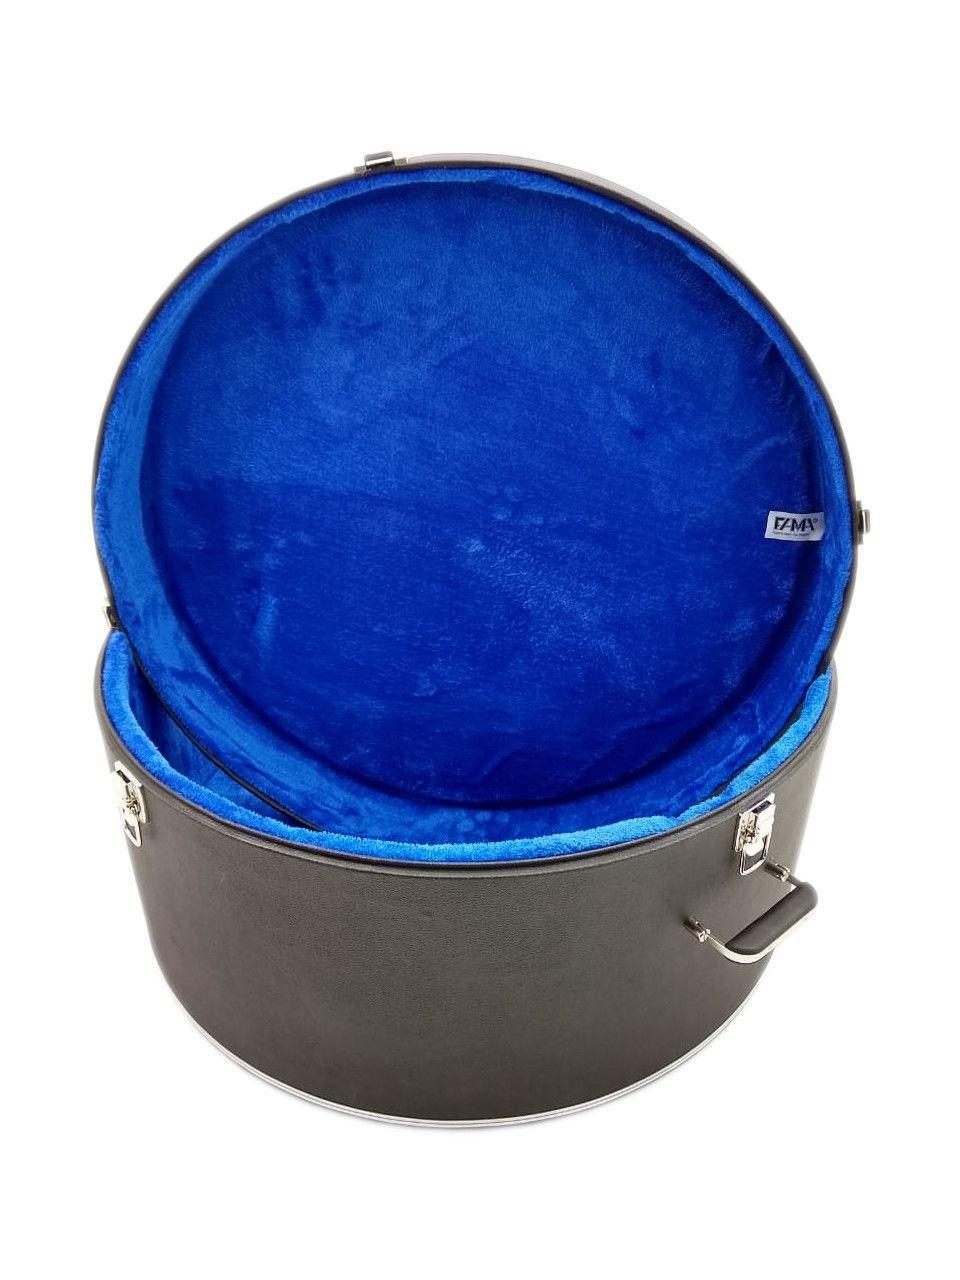 Case Para Zabumba 18x10 Luxo Pelúcia Azul Fama